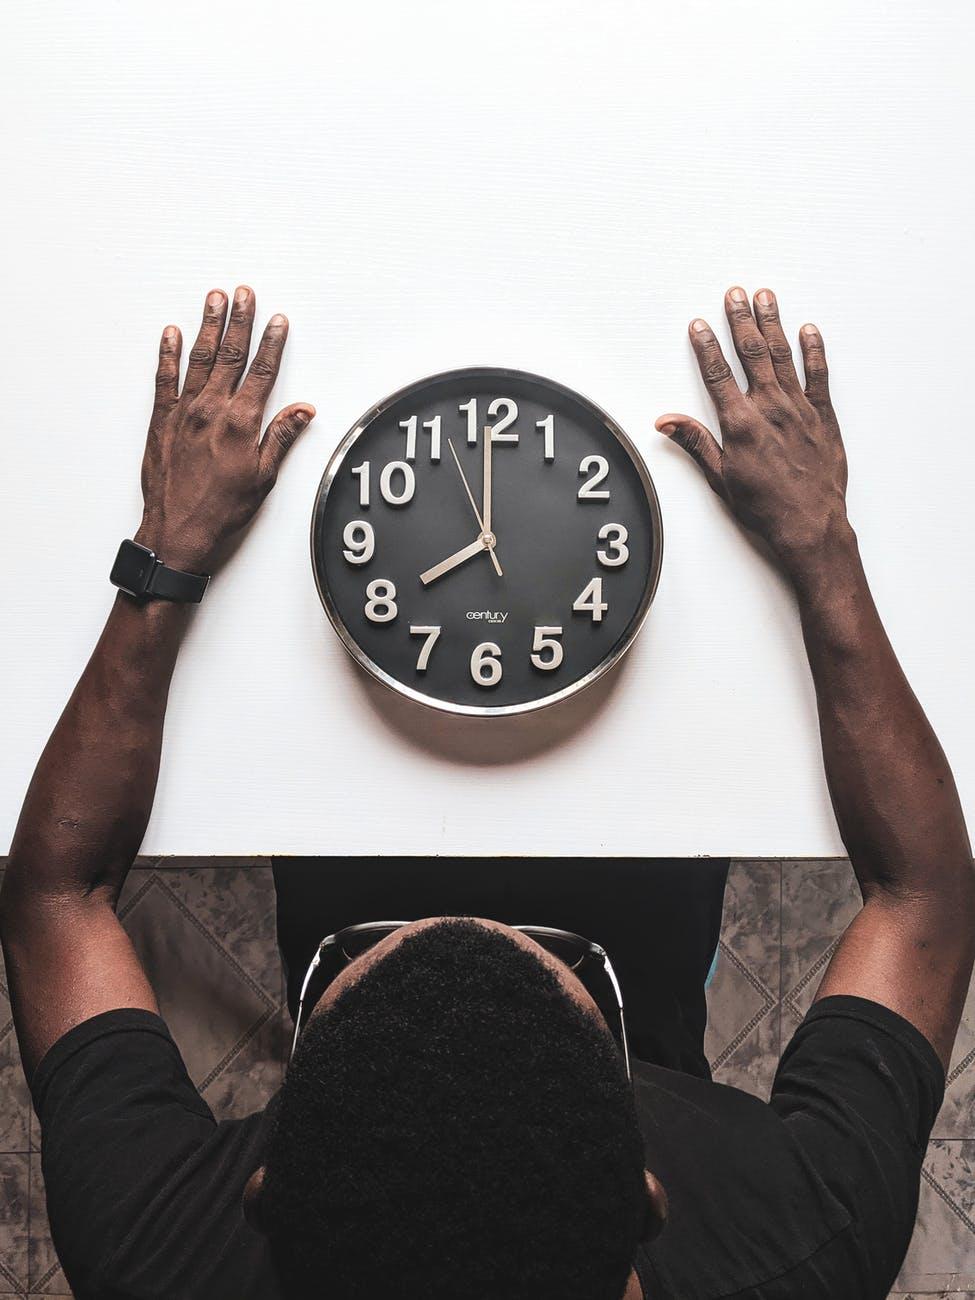 Mất khả năng quản lý thời gian hiệu quả do hội chứng rối loạn tăng động giảm chú ý (ADHD) - Cách chấm dứt tính chậm trễ, nản lòng và sự choáng ngợp